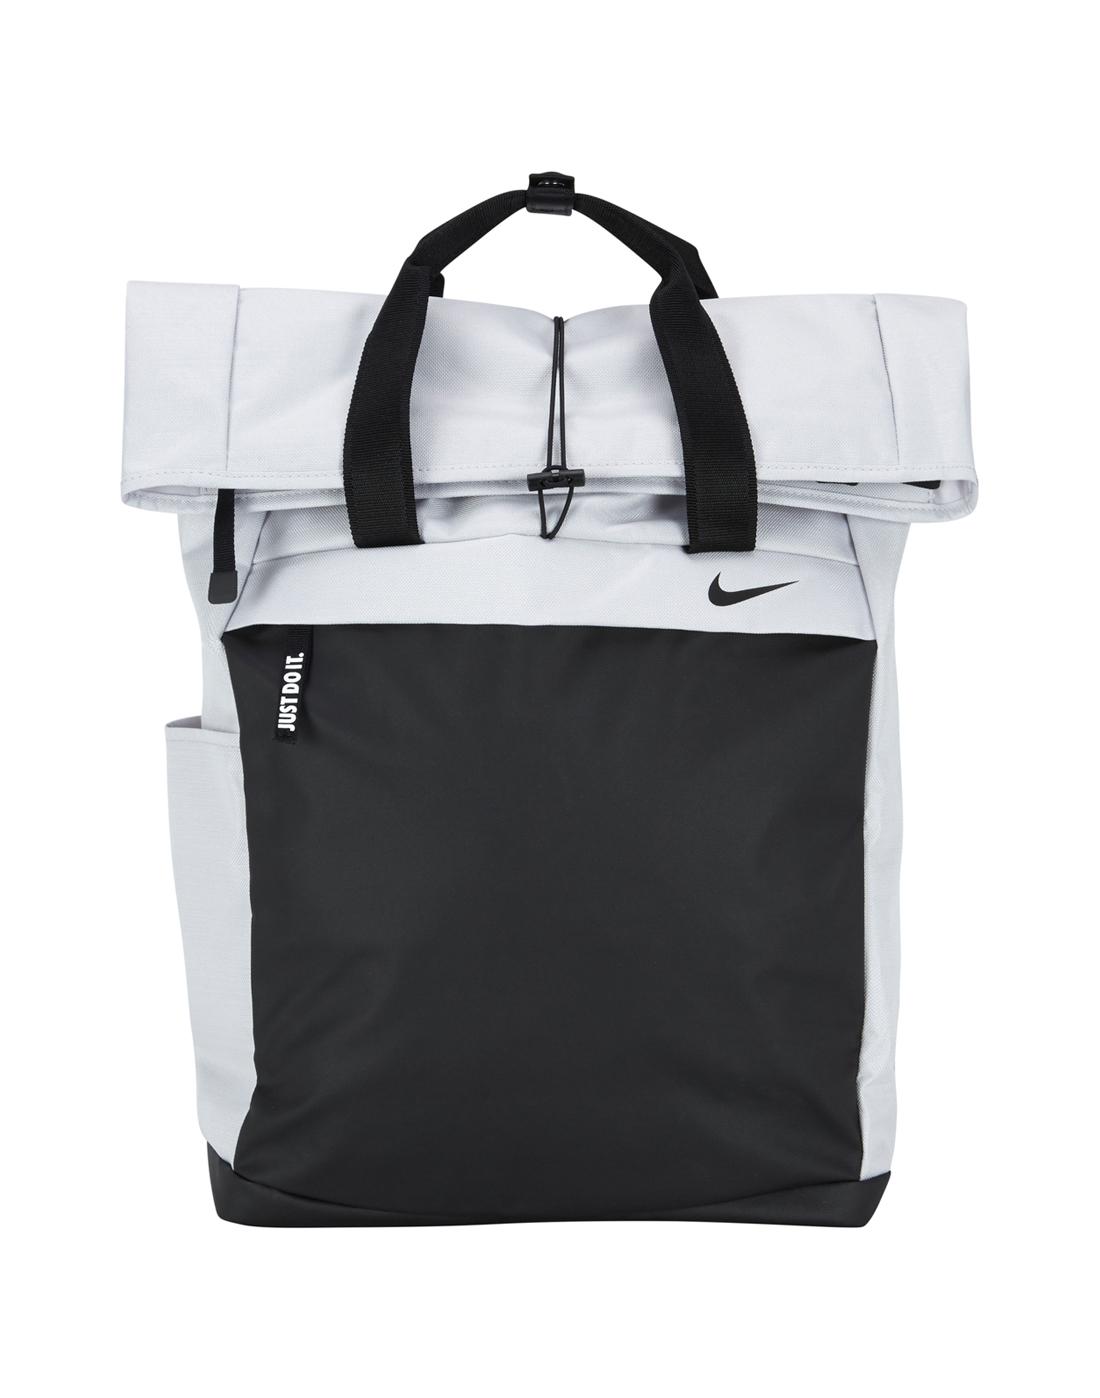 7c648717f Nike Womens Radiate Backpack | Life Style Sports